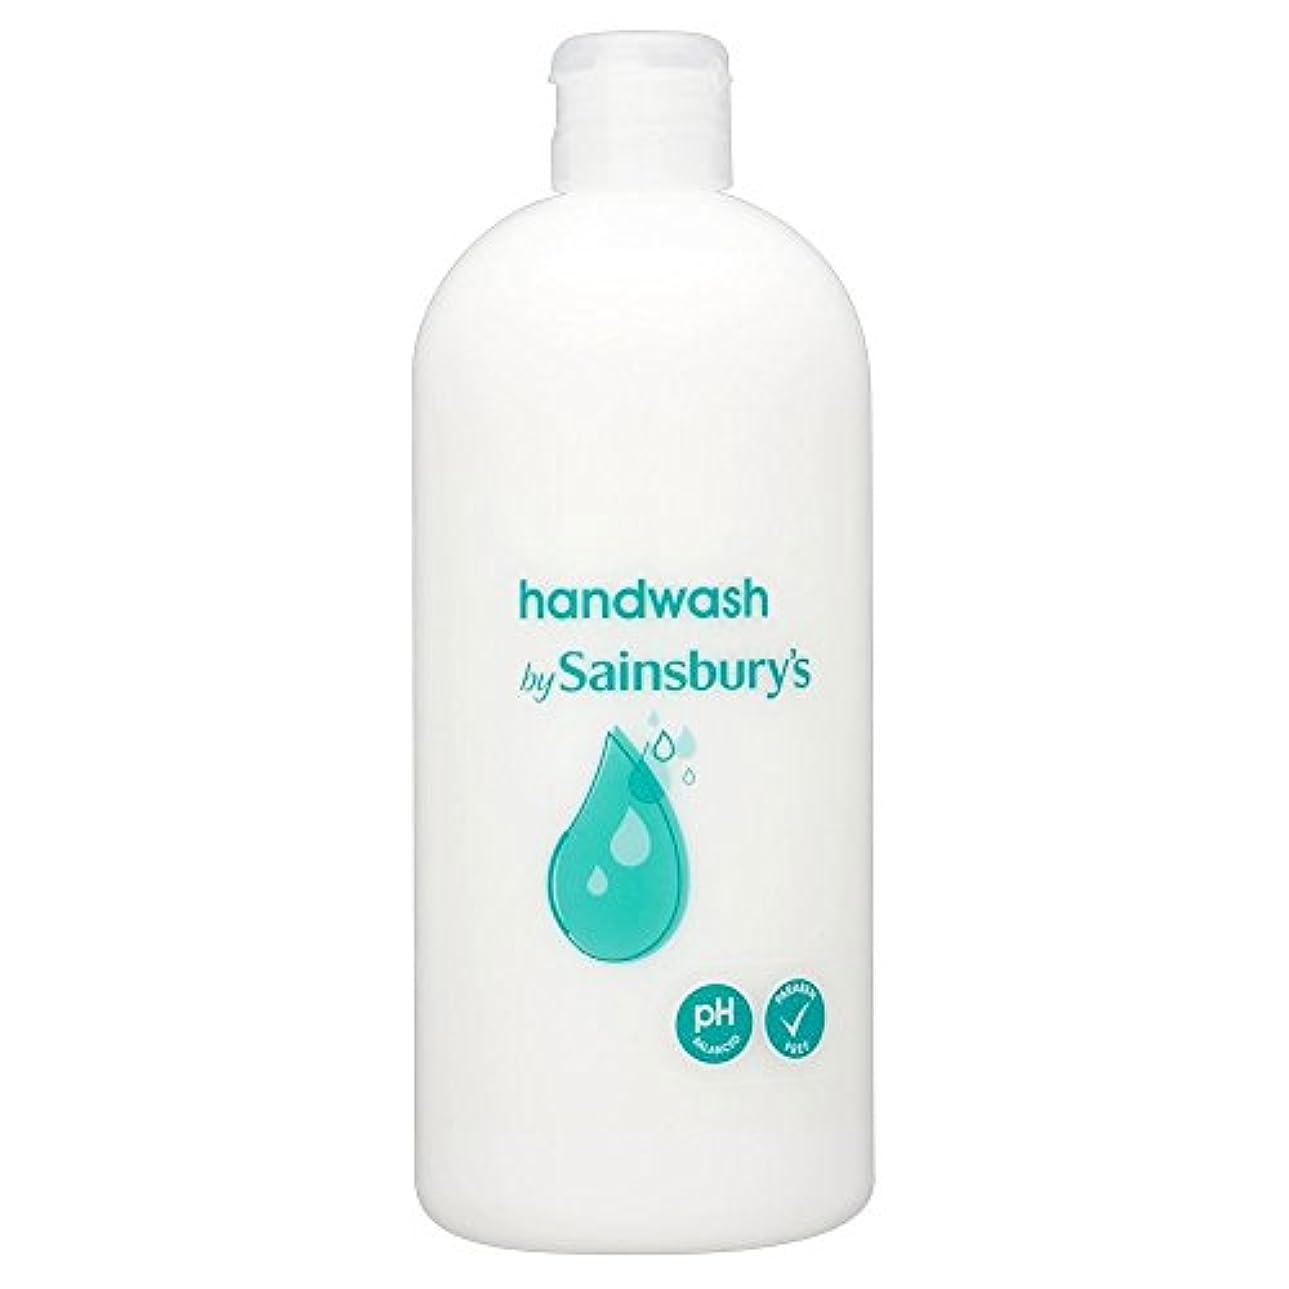 枯渇事実上鉄道駅Sainsbury's Handwash, White Refill 500ml (Pack of 4) - (Sainsbury's) 手洗い、白リフィル500ミリリットル (x4) [並行輸入品]